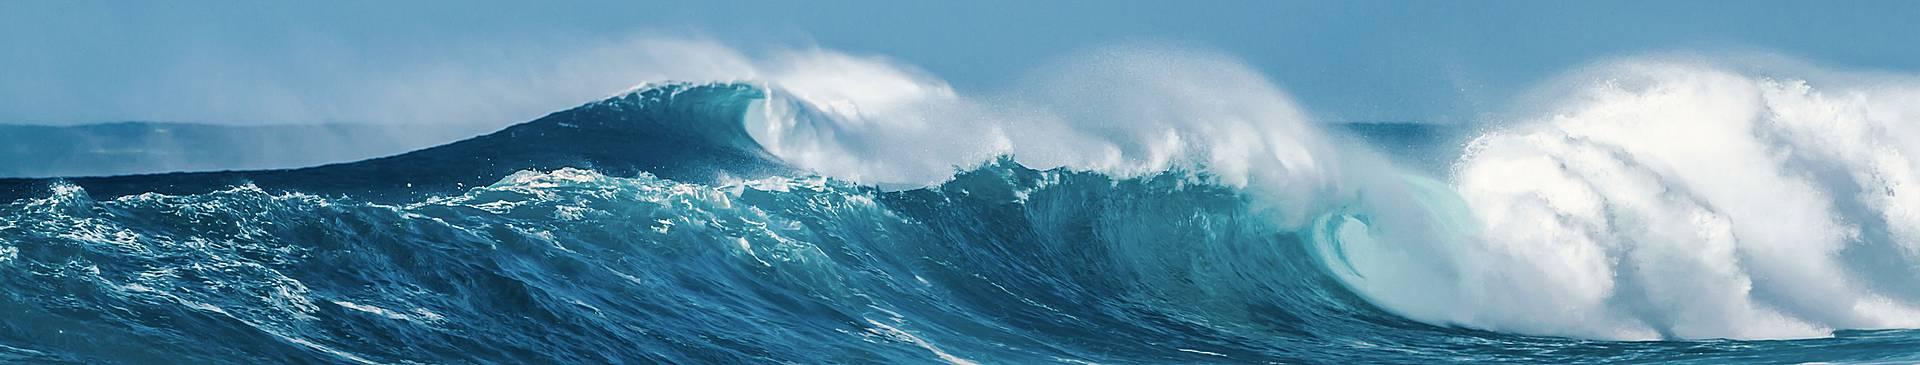 Voyage plage à Hawaï